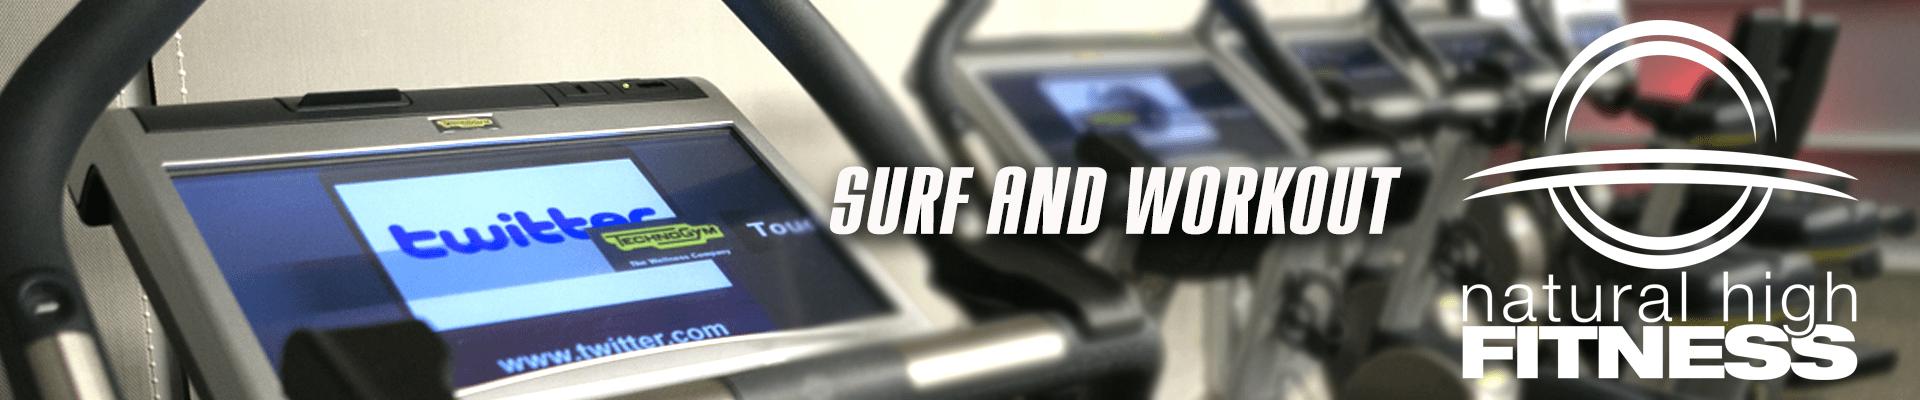 NHF-surf